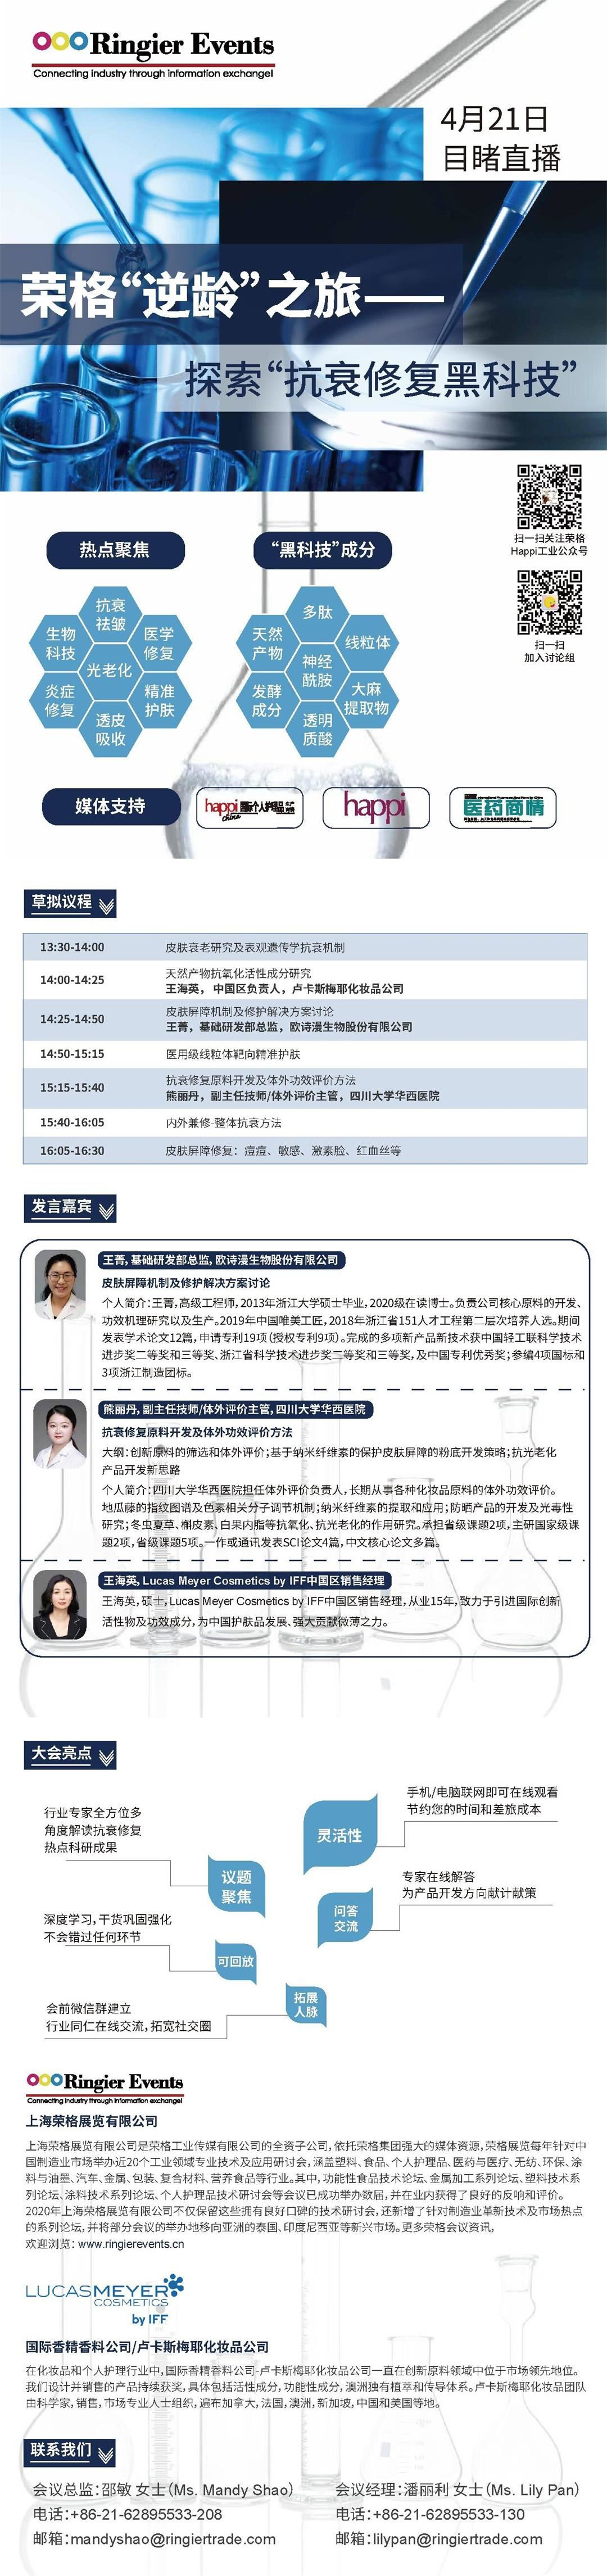 荣格抗衰修复线上会议-brochure_0330-tiomg-append-image.jpg